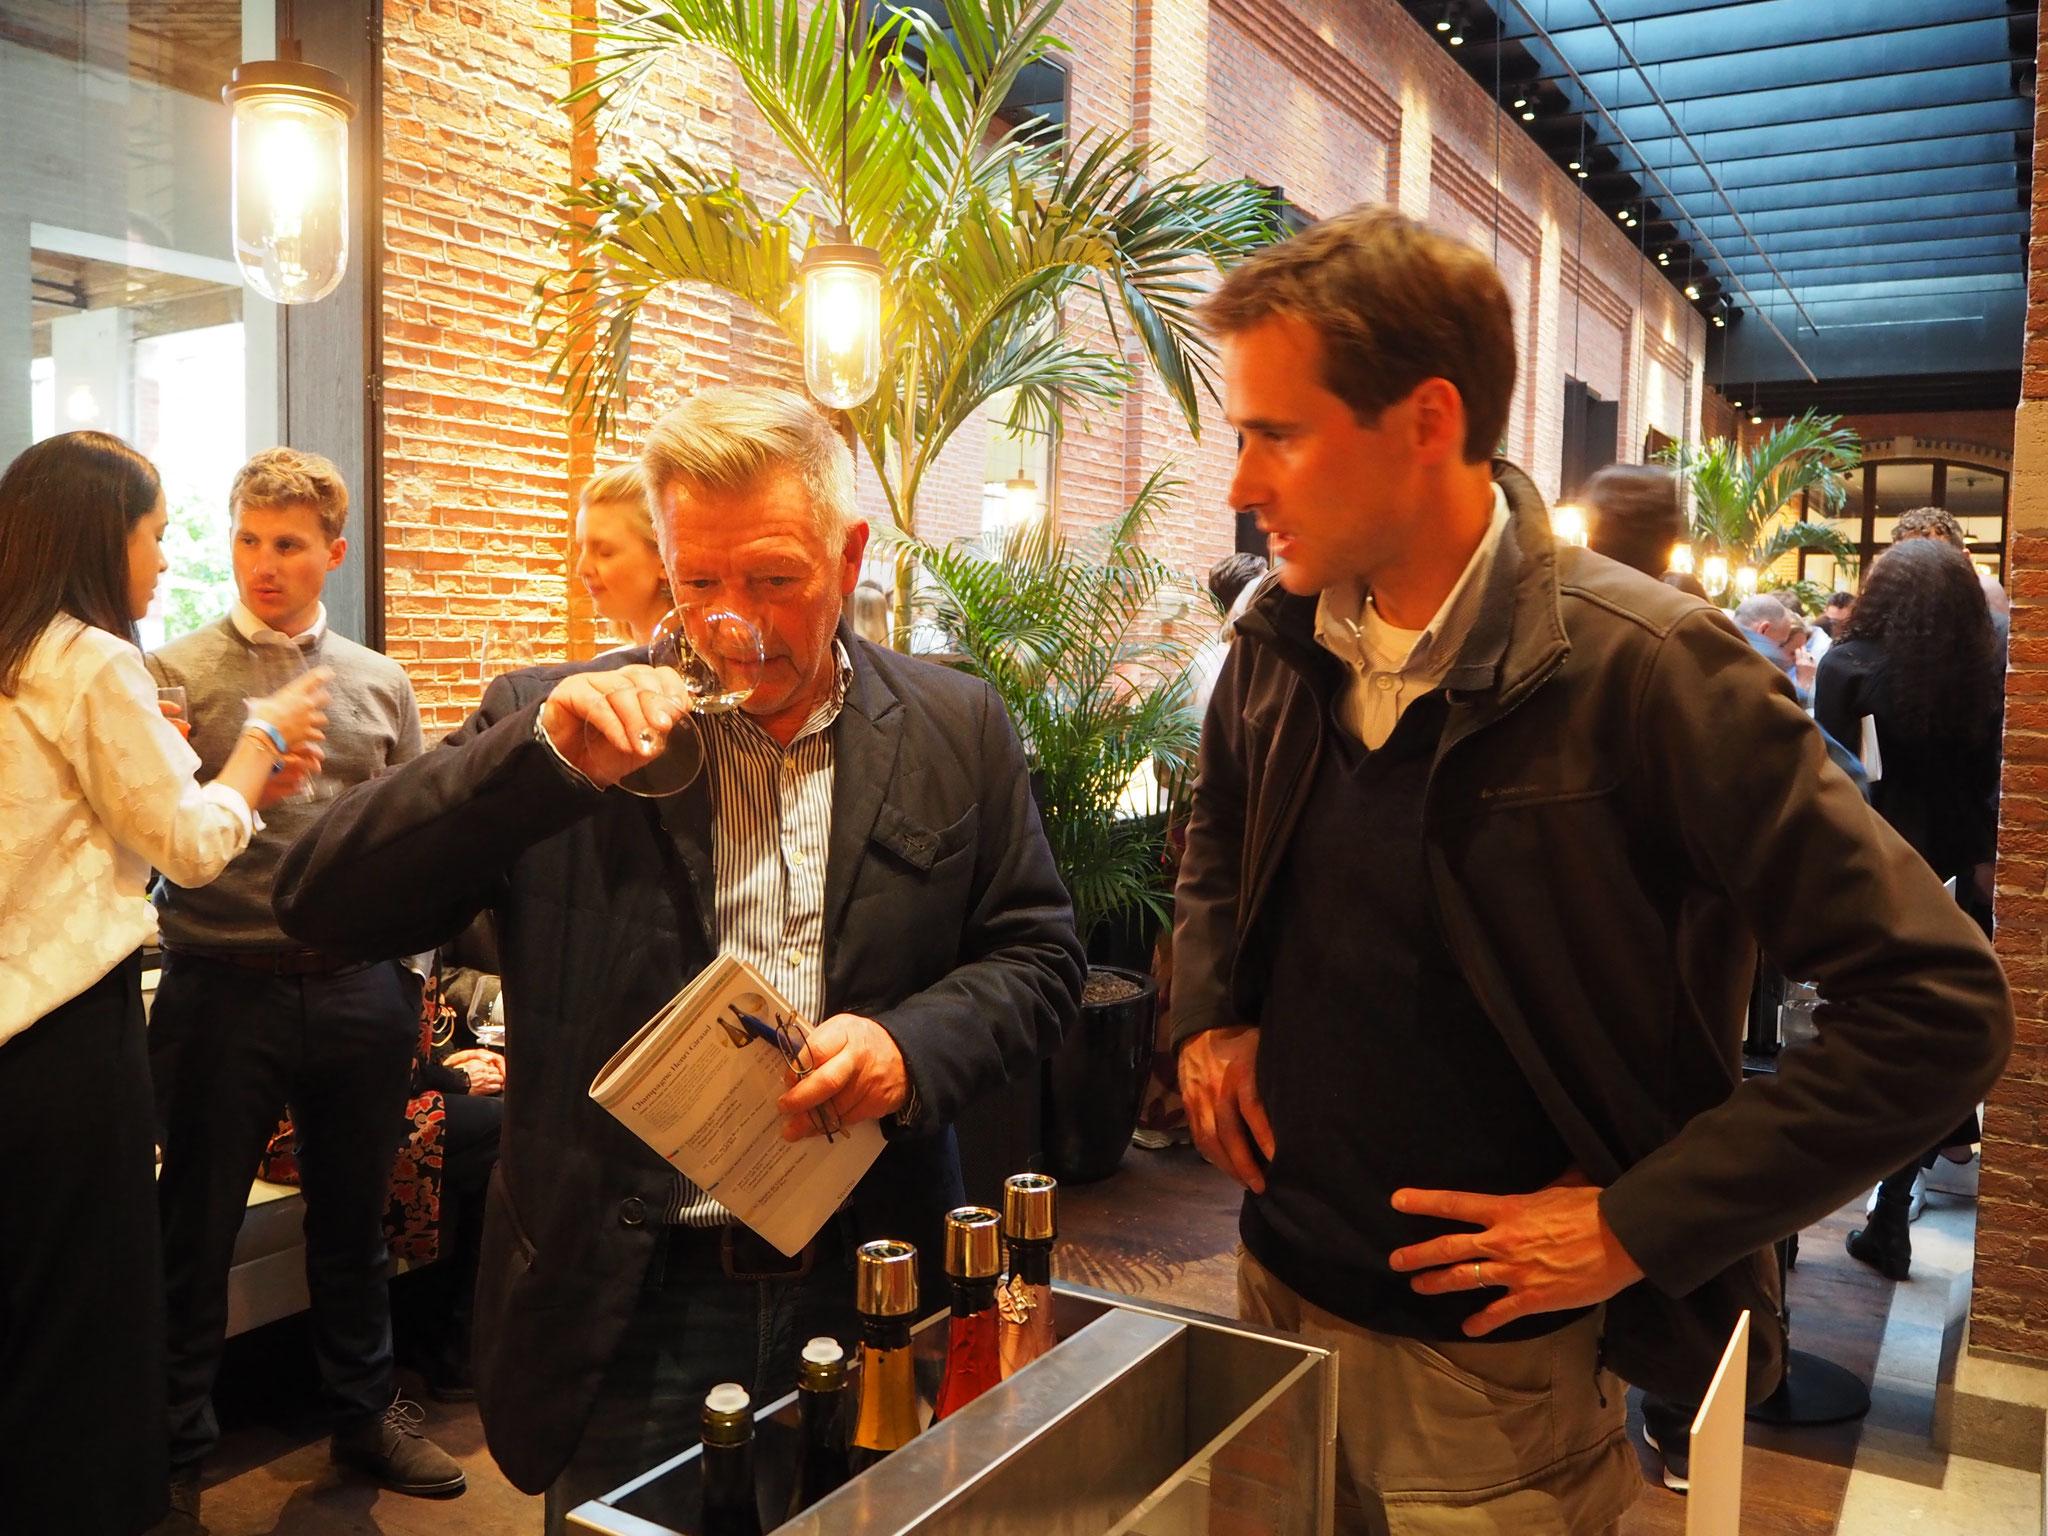 Hij verbaast met kwaliteit tegen betaalbare prijzen...niet zo evident voor Belgische wijnen. Ik viel voor zijn voortreffelijke blend van 4 pinot variëteiten: gerookt, mineraloog en fruitig rijp.